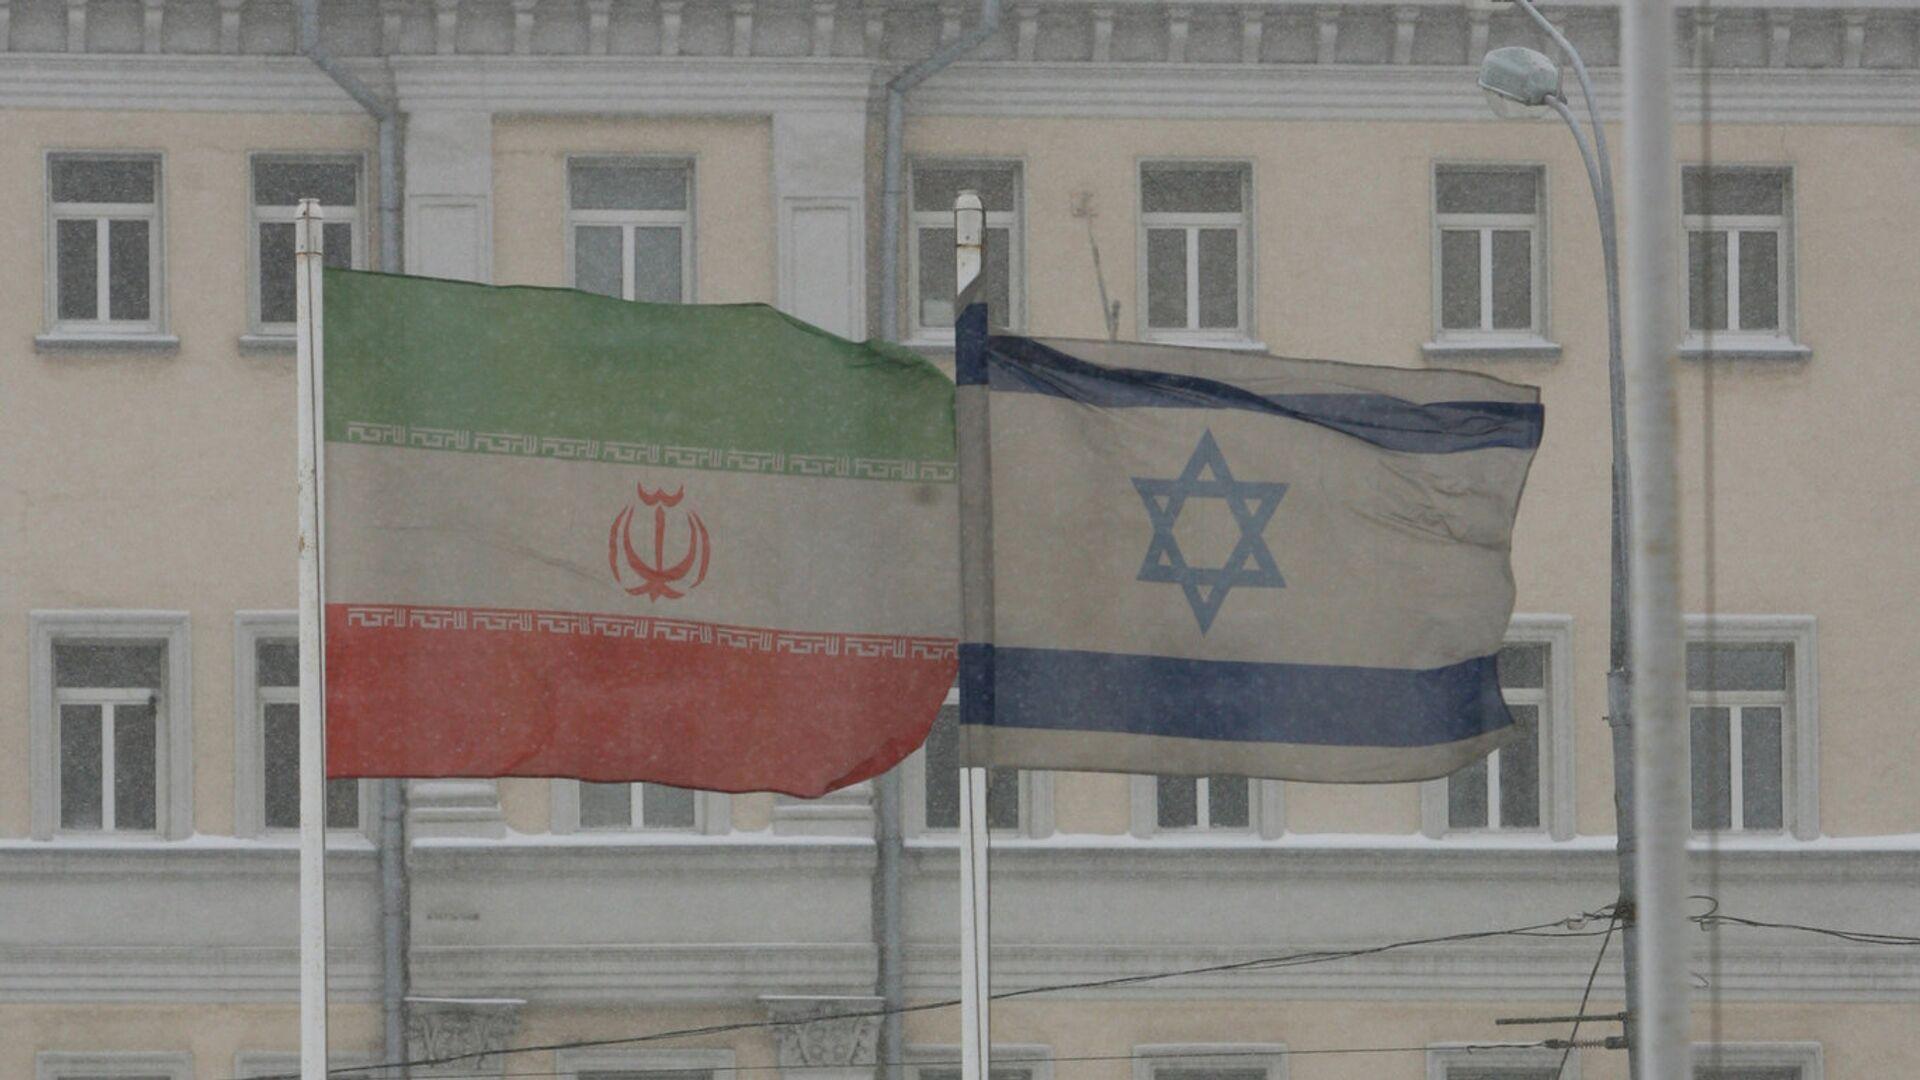 Le bandiere dell'Iran e dell'Israele a Mosca. - Sputnik Italia, 1920, 13.10.2021